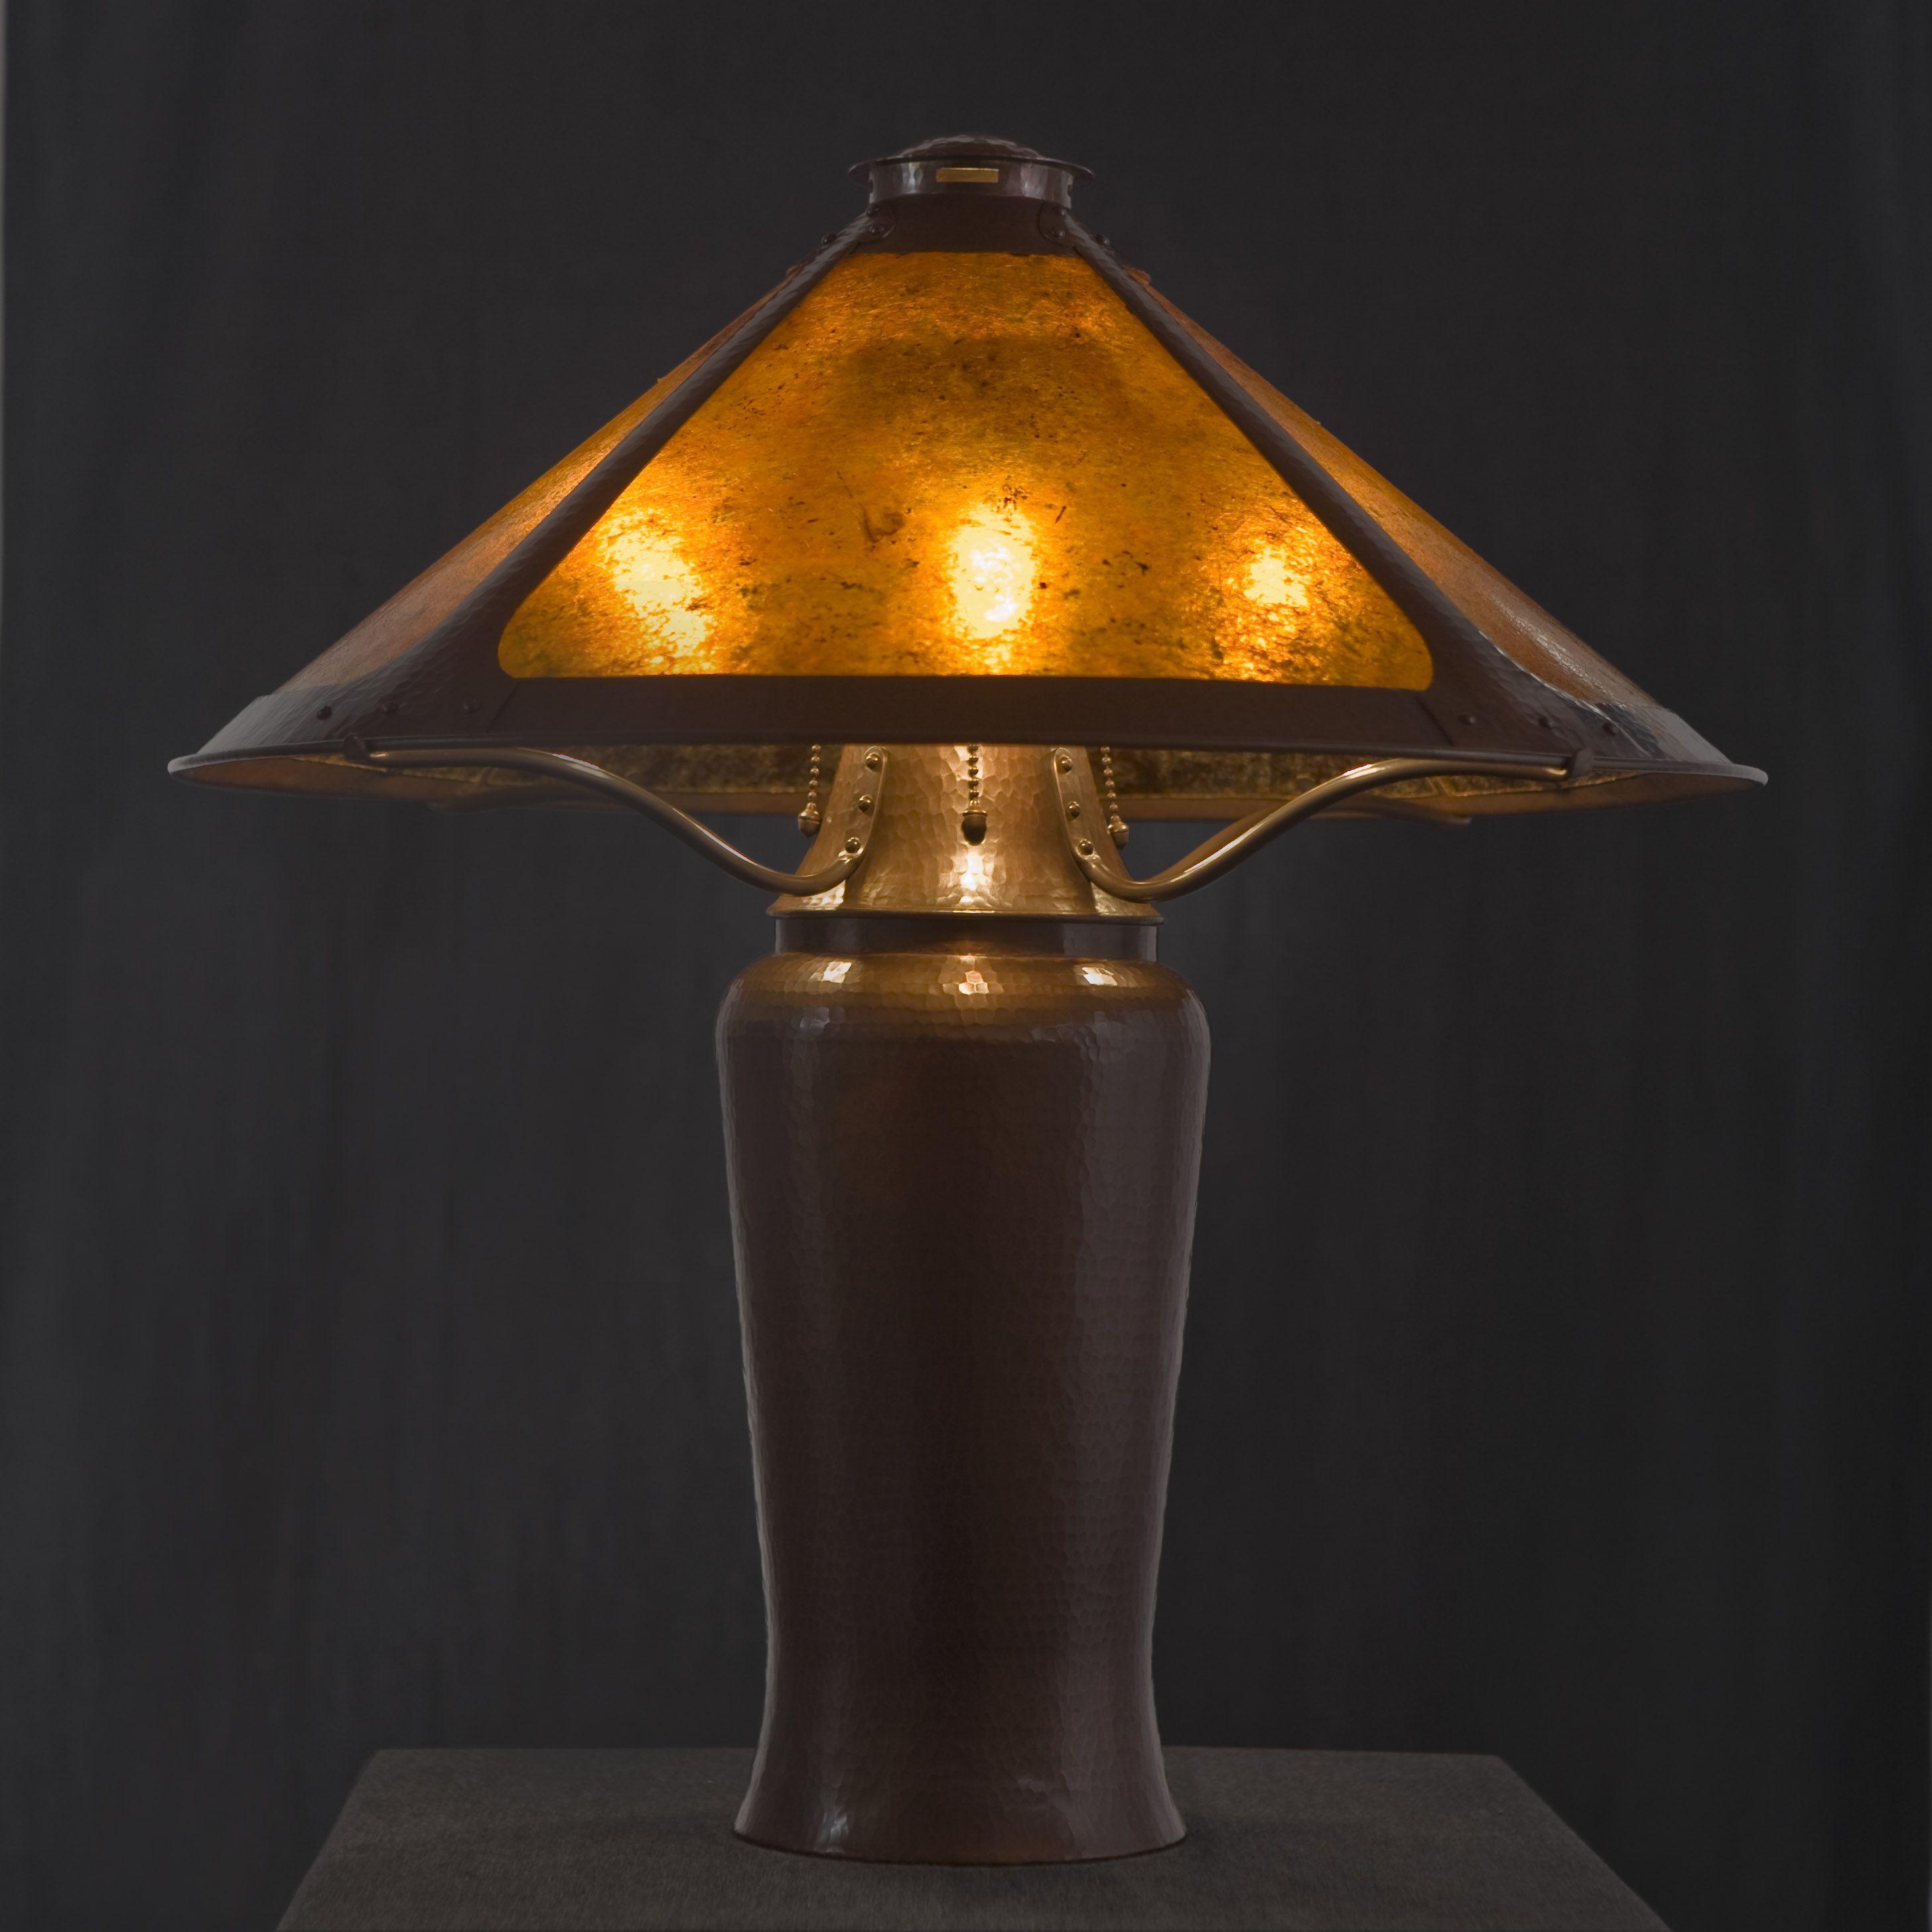 Dirk Van Erp Milk Can Lamp Reproduction Table Lamp Lamp Copper Lighting